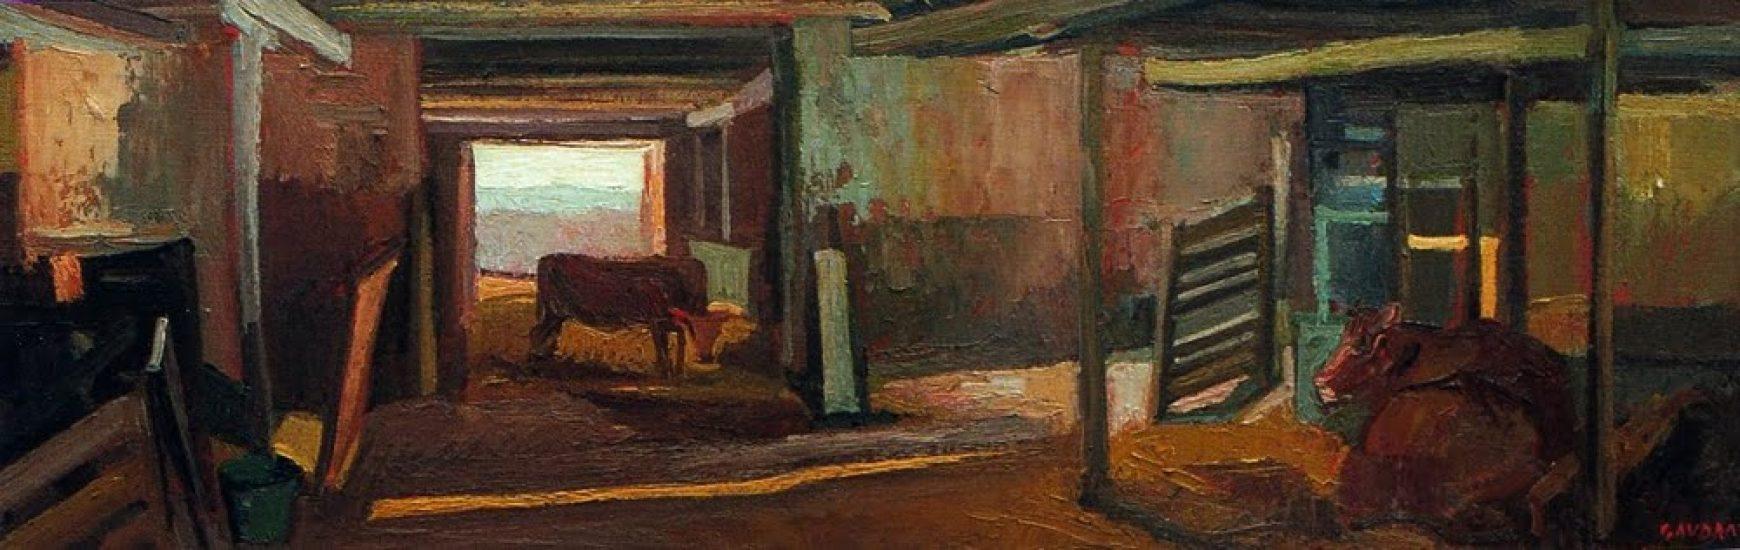 L'étable - 20 x 60 cm